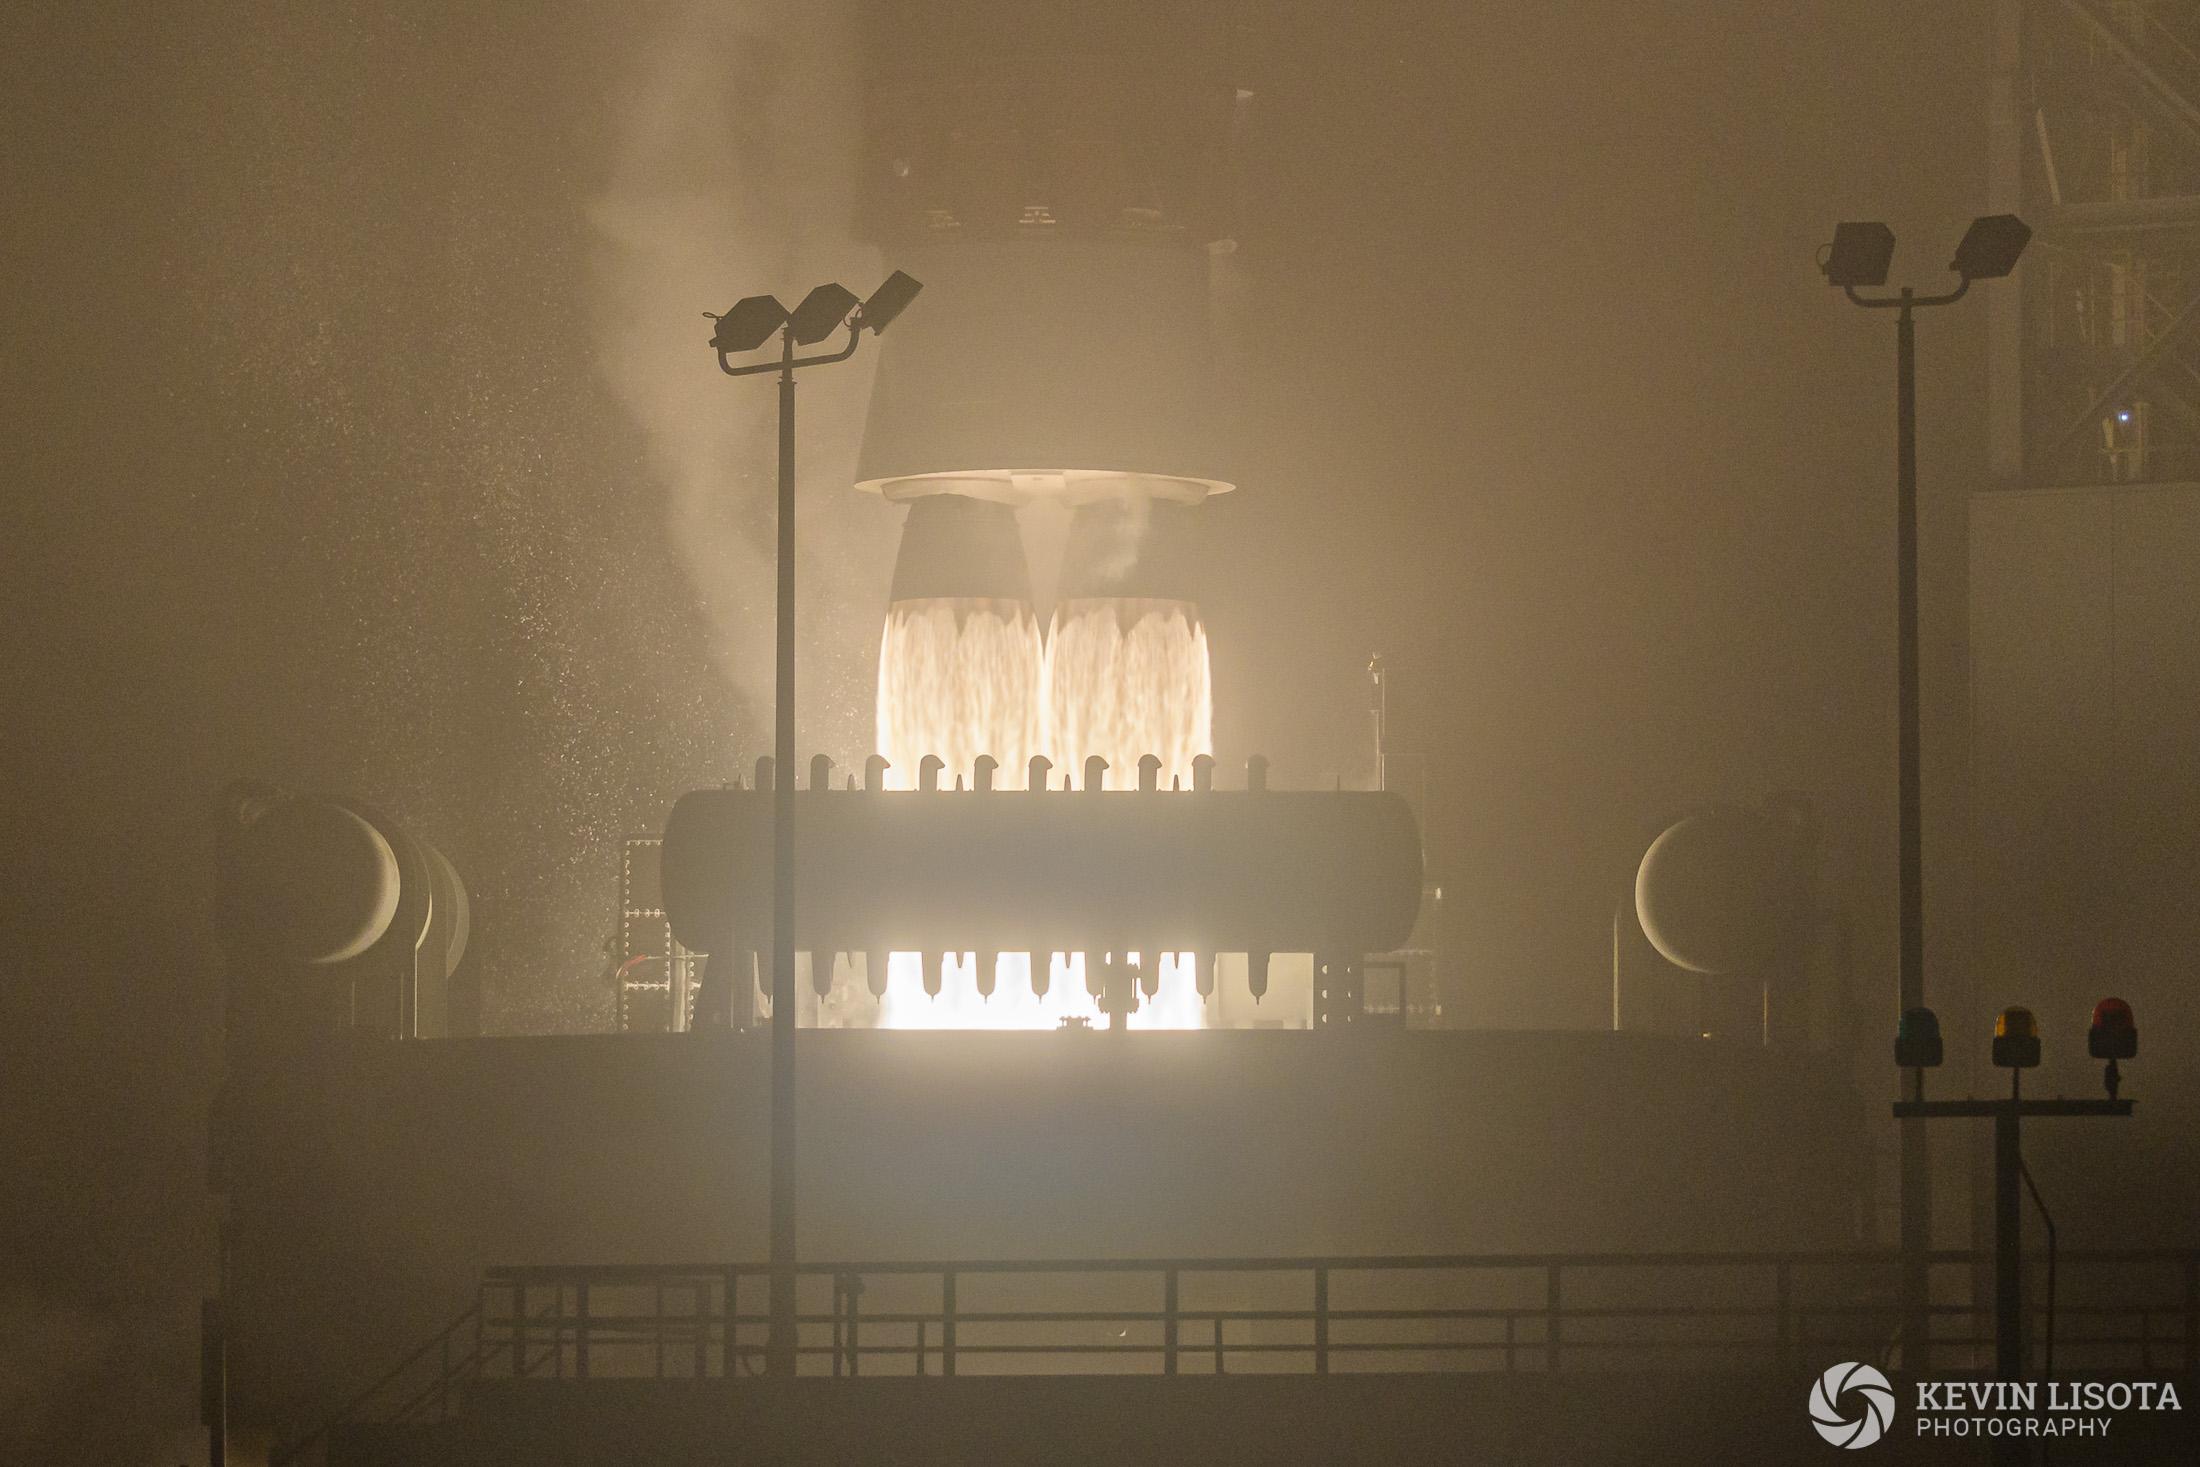 Mars InSight Mission Launch aboard Atlas V rocket